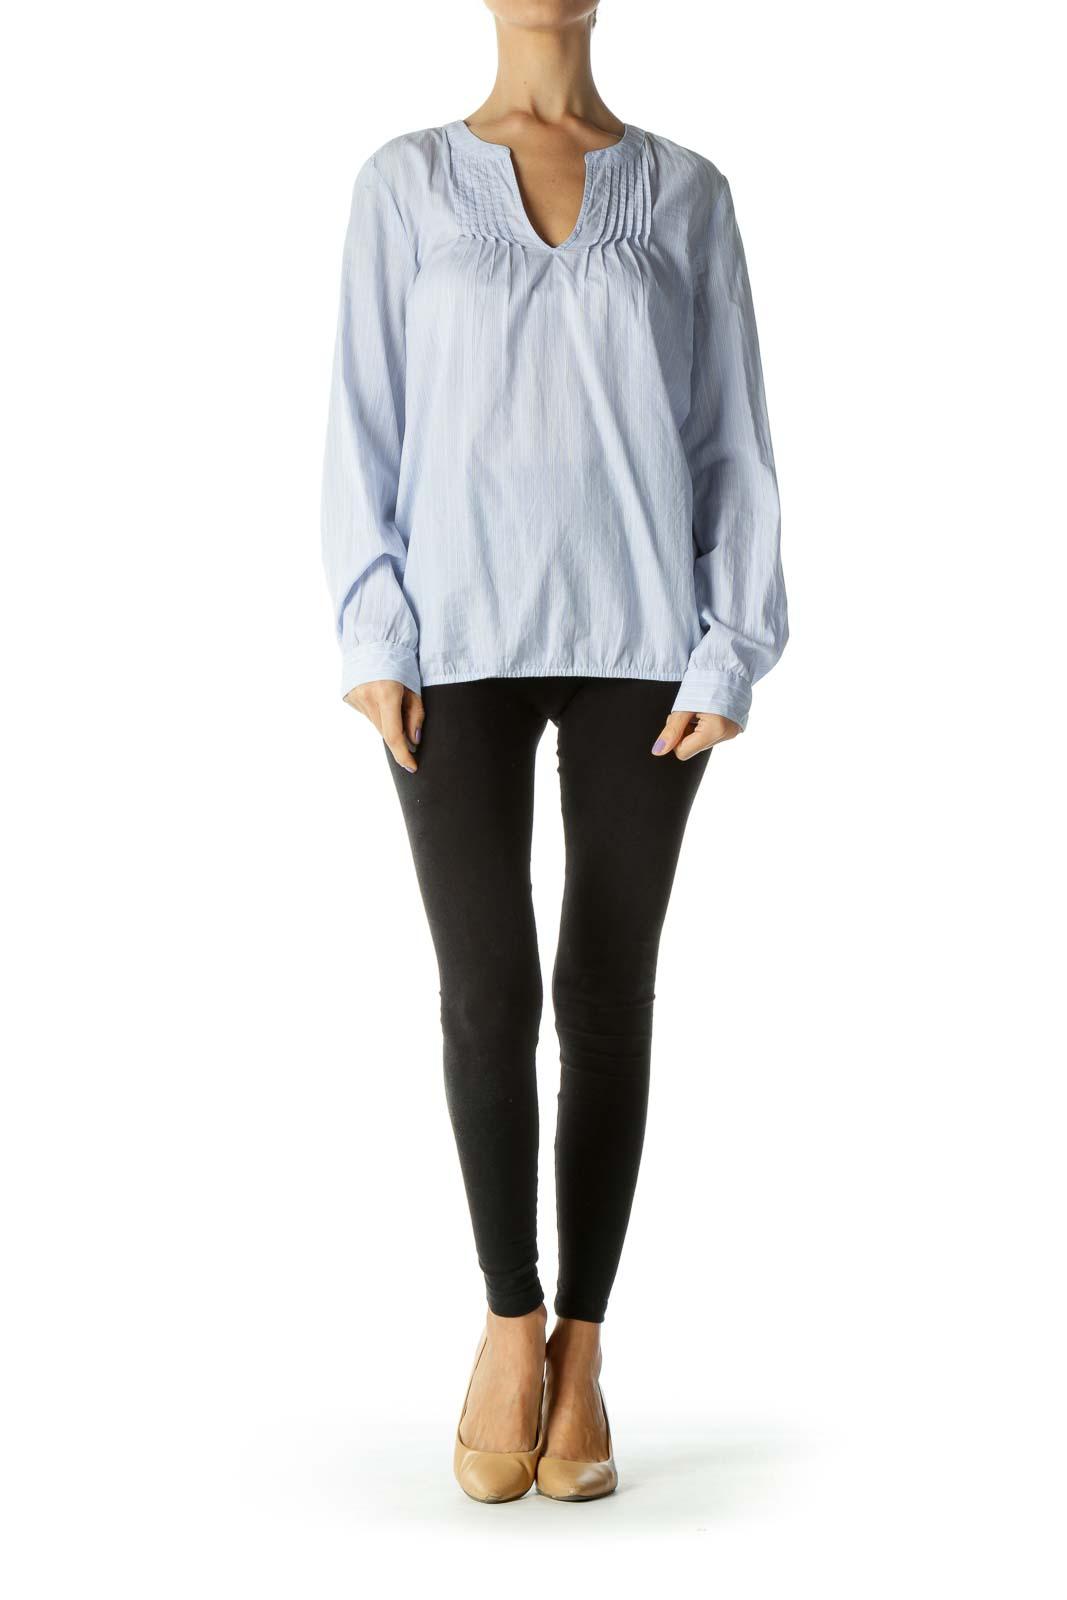 Blue and White Striped V-Neck Blouse